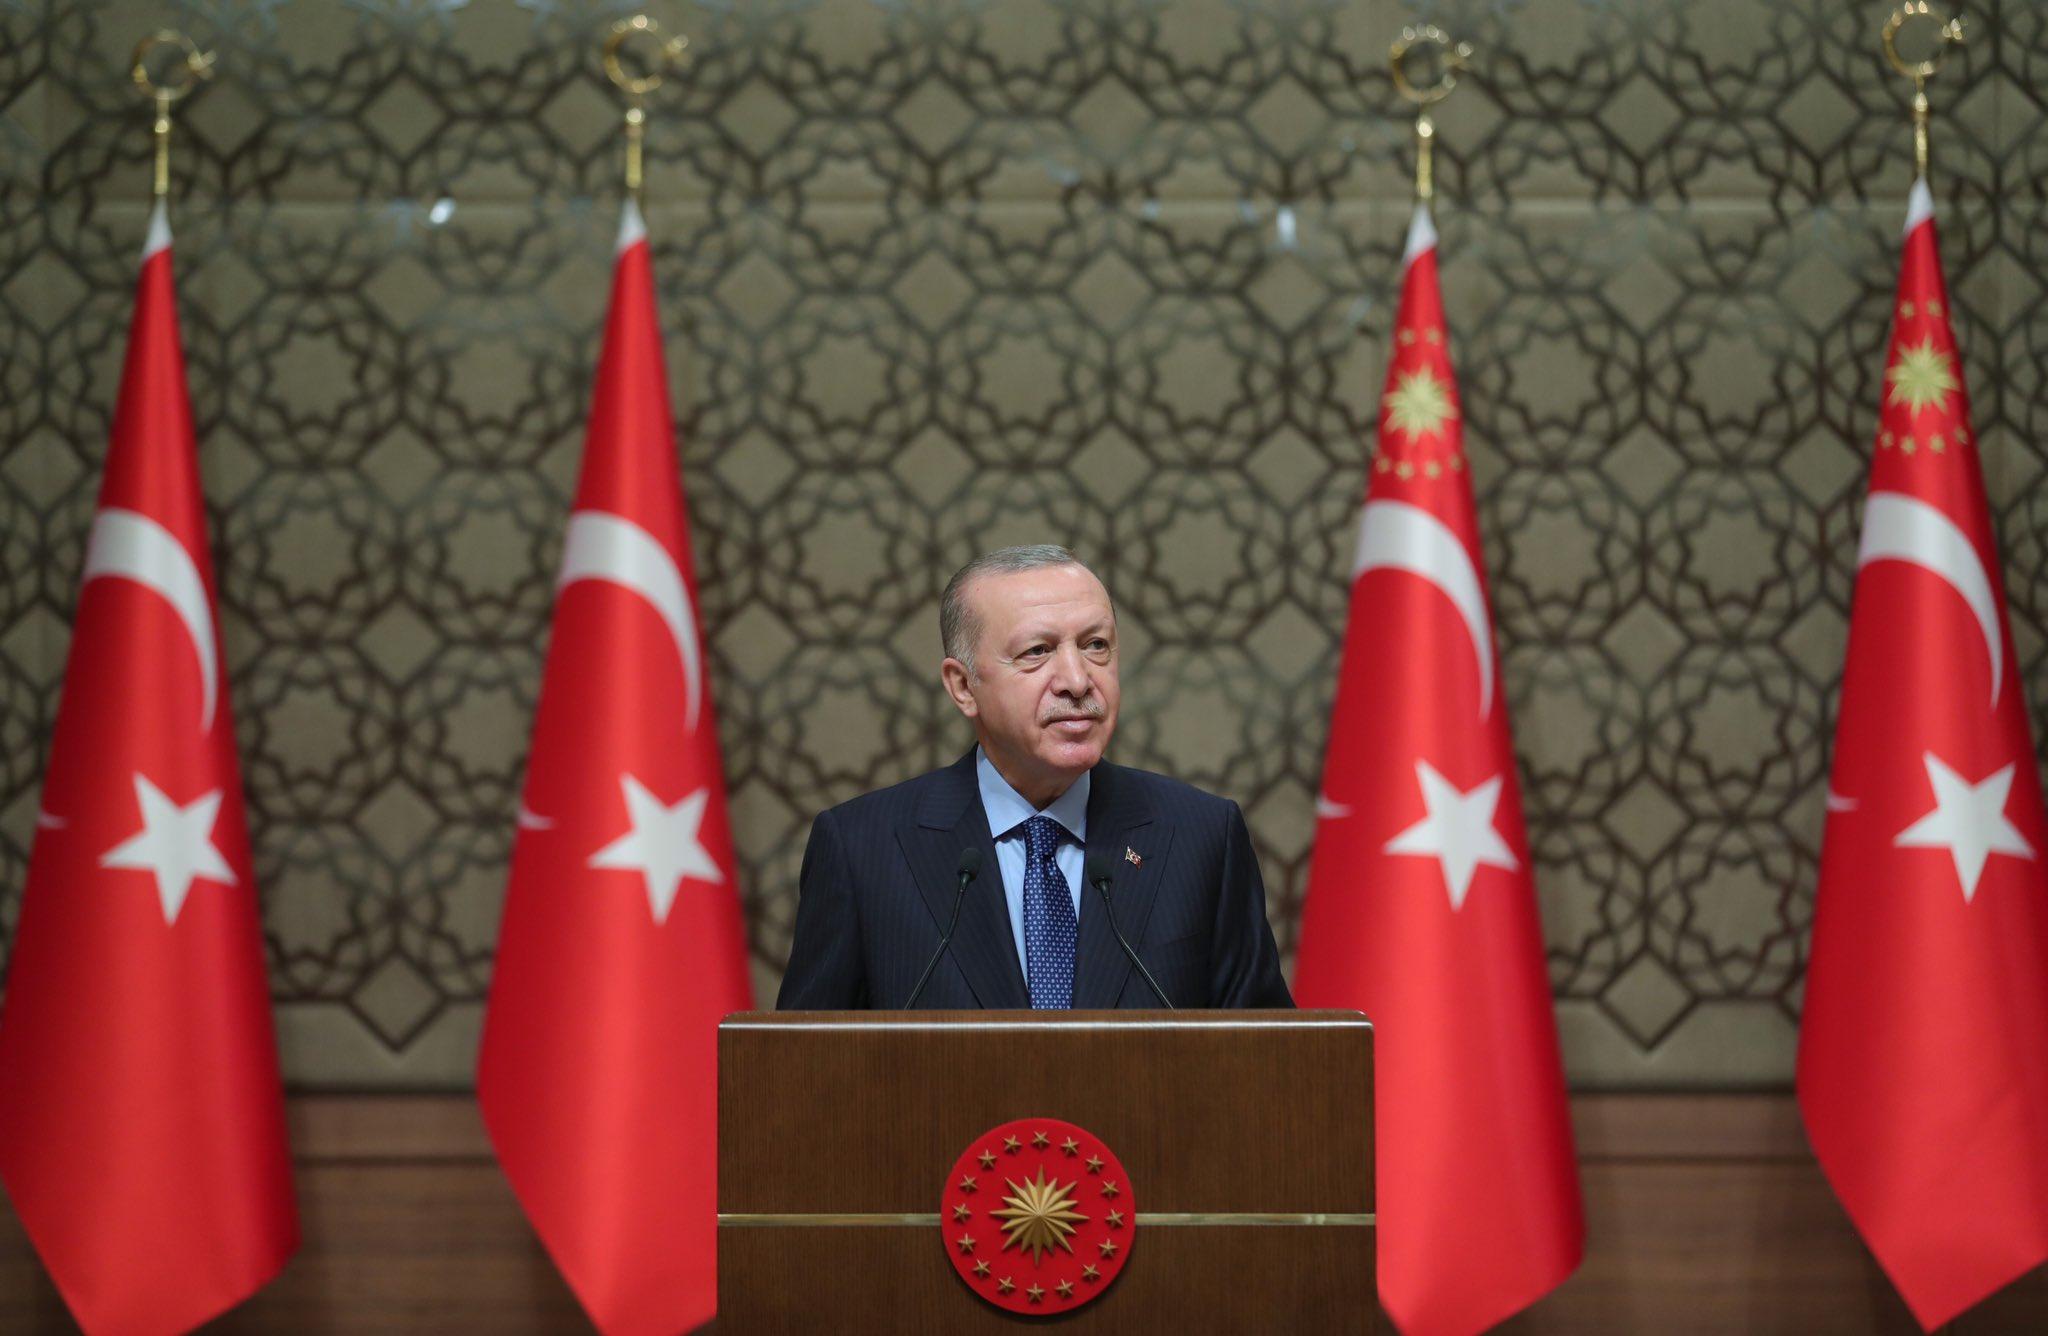 Cumhurbaşkanı Erdoğan'dan yerli aşı müjdesi: 3 aşı faz aşamasına başlamak üzere